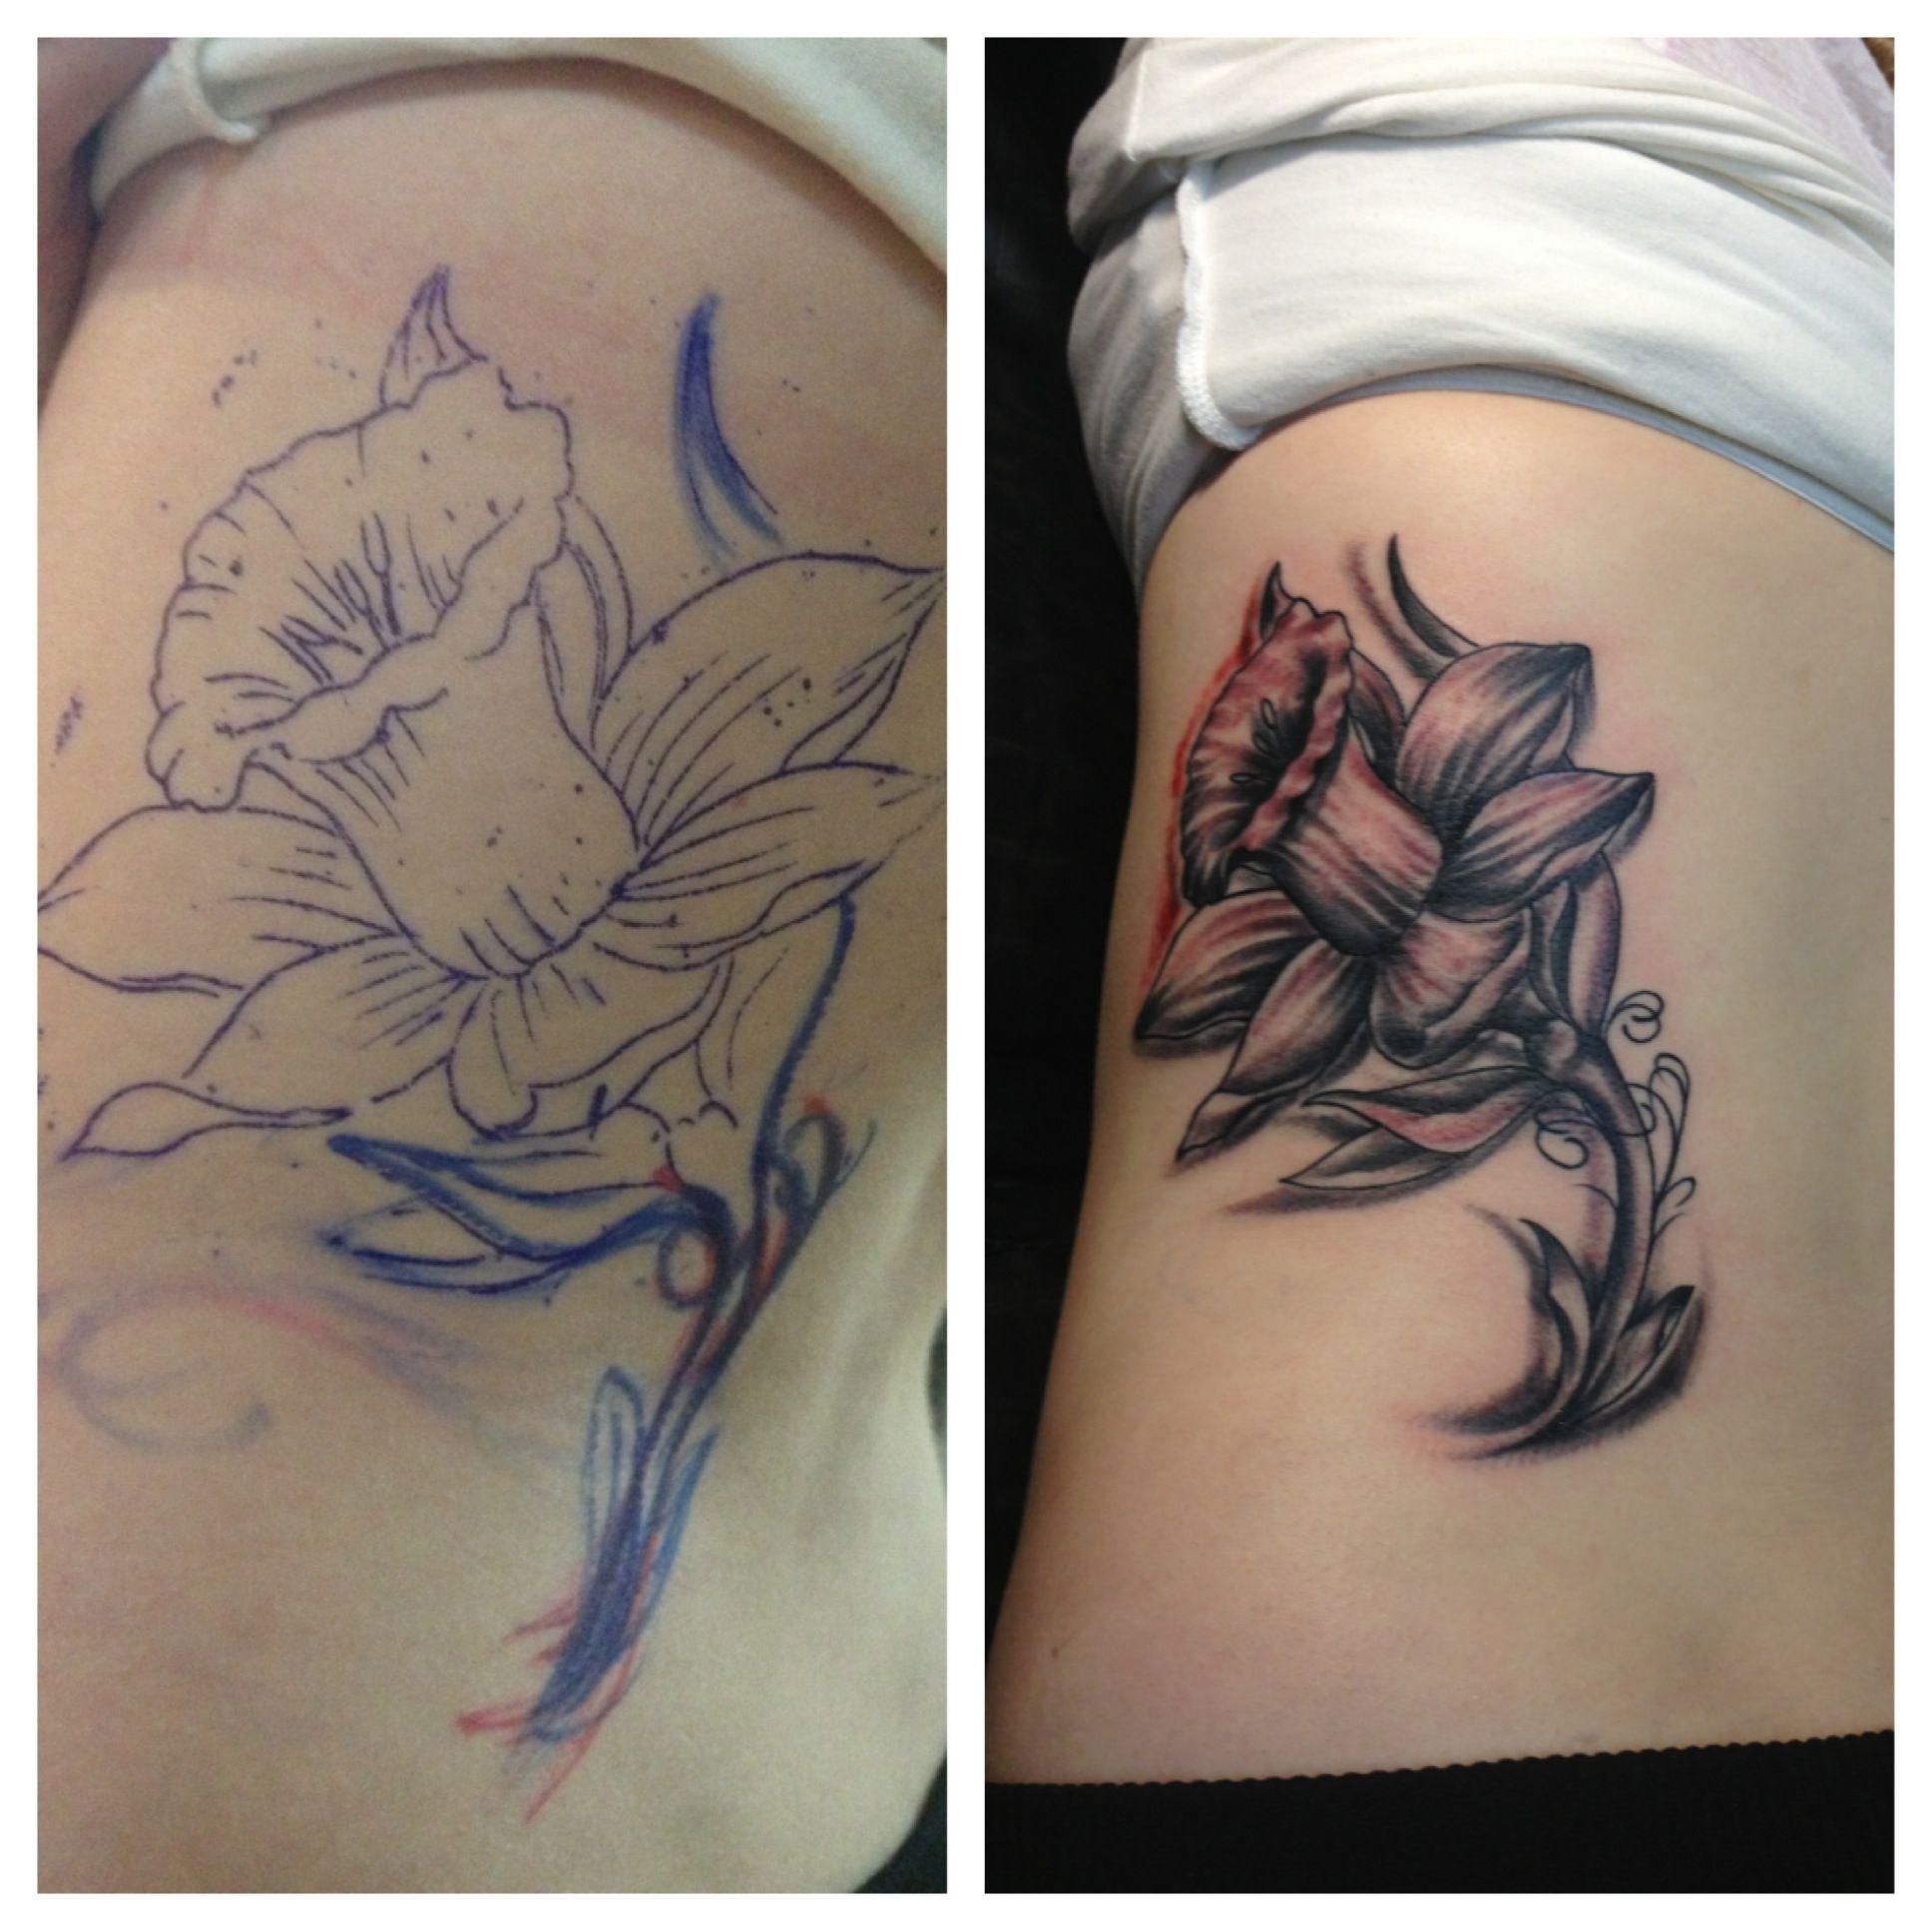 Pin By Raychel Bennett On Tattoos Daffodil Tattoo Daffodil Flower Tattoos Tattoos